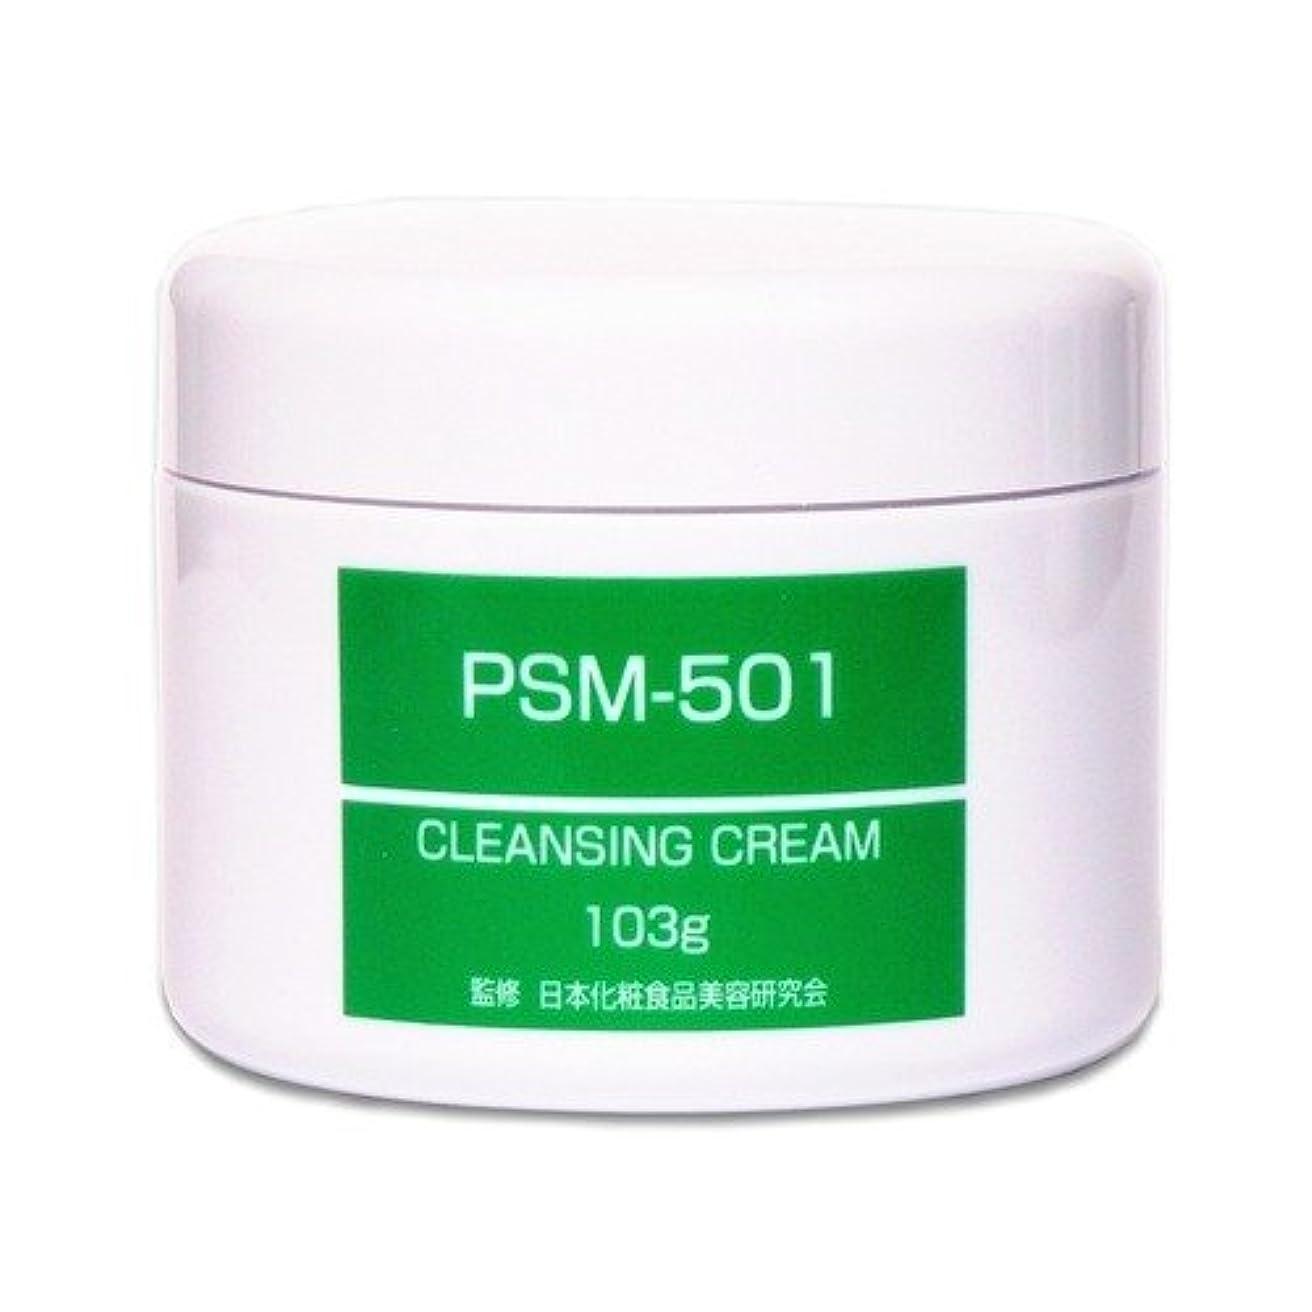 払い戻し注釈を付ける麻痺CFB クレンジングクリーム PSM501